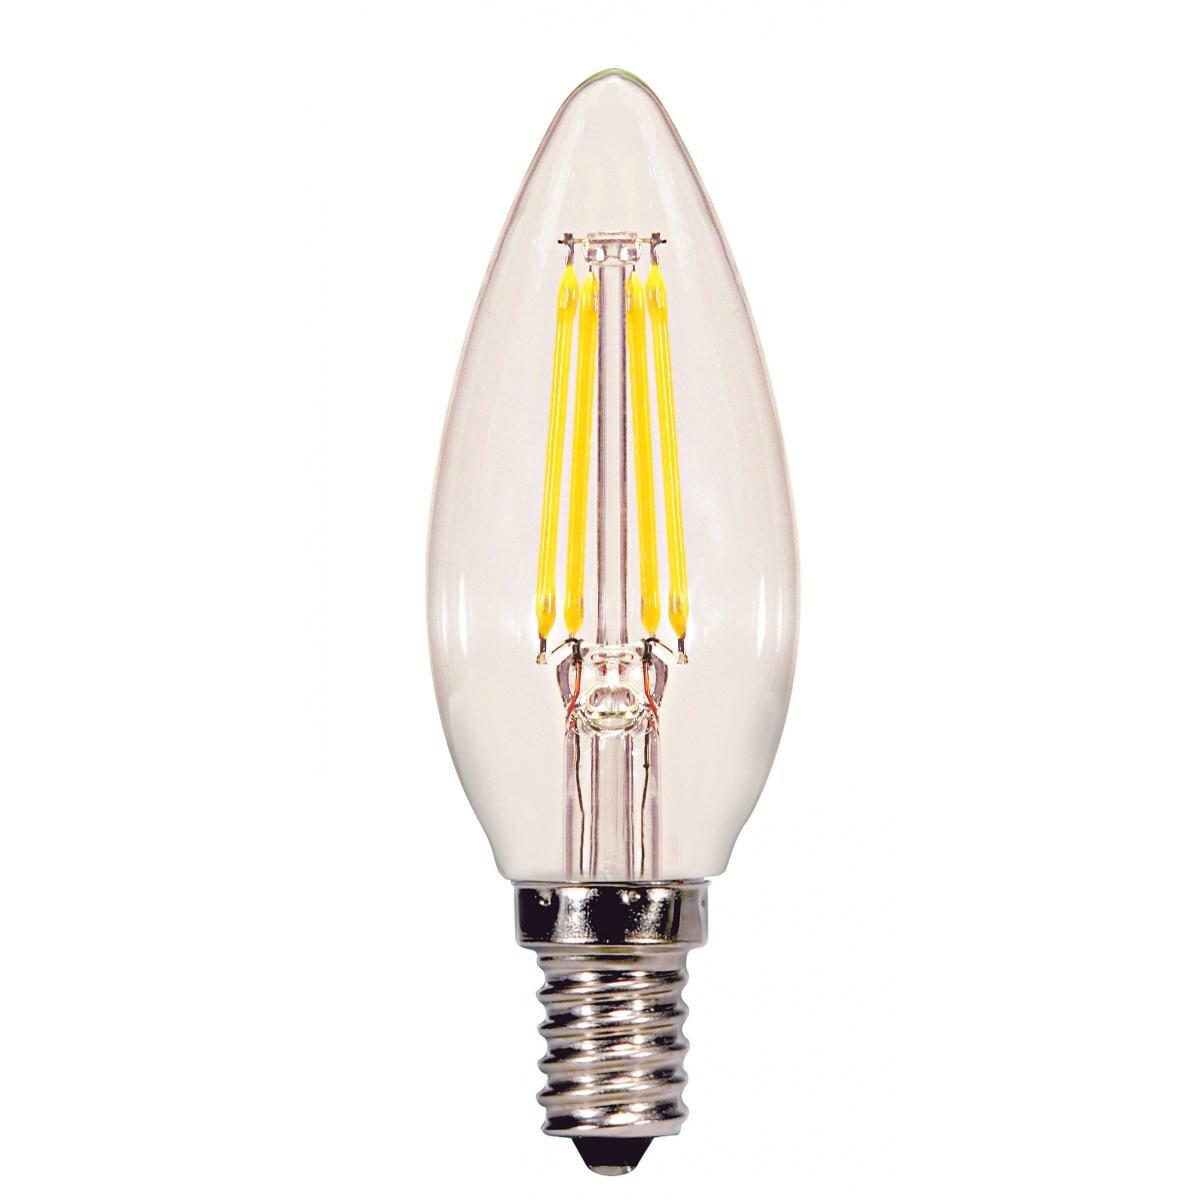 40 Watt Equivalent C11 Led Dimmable Light Bulb 3000 E12 Candelabra Base Allmodern